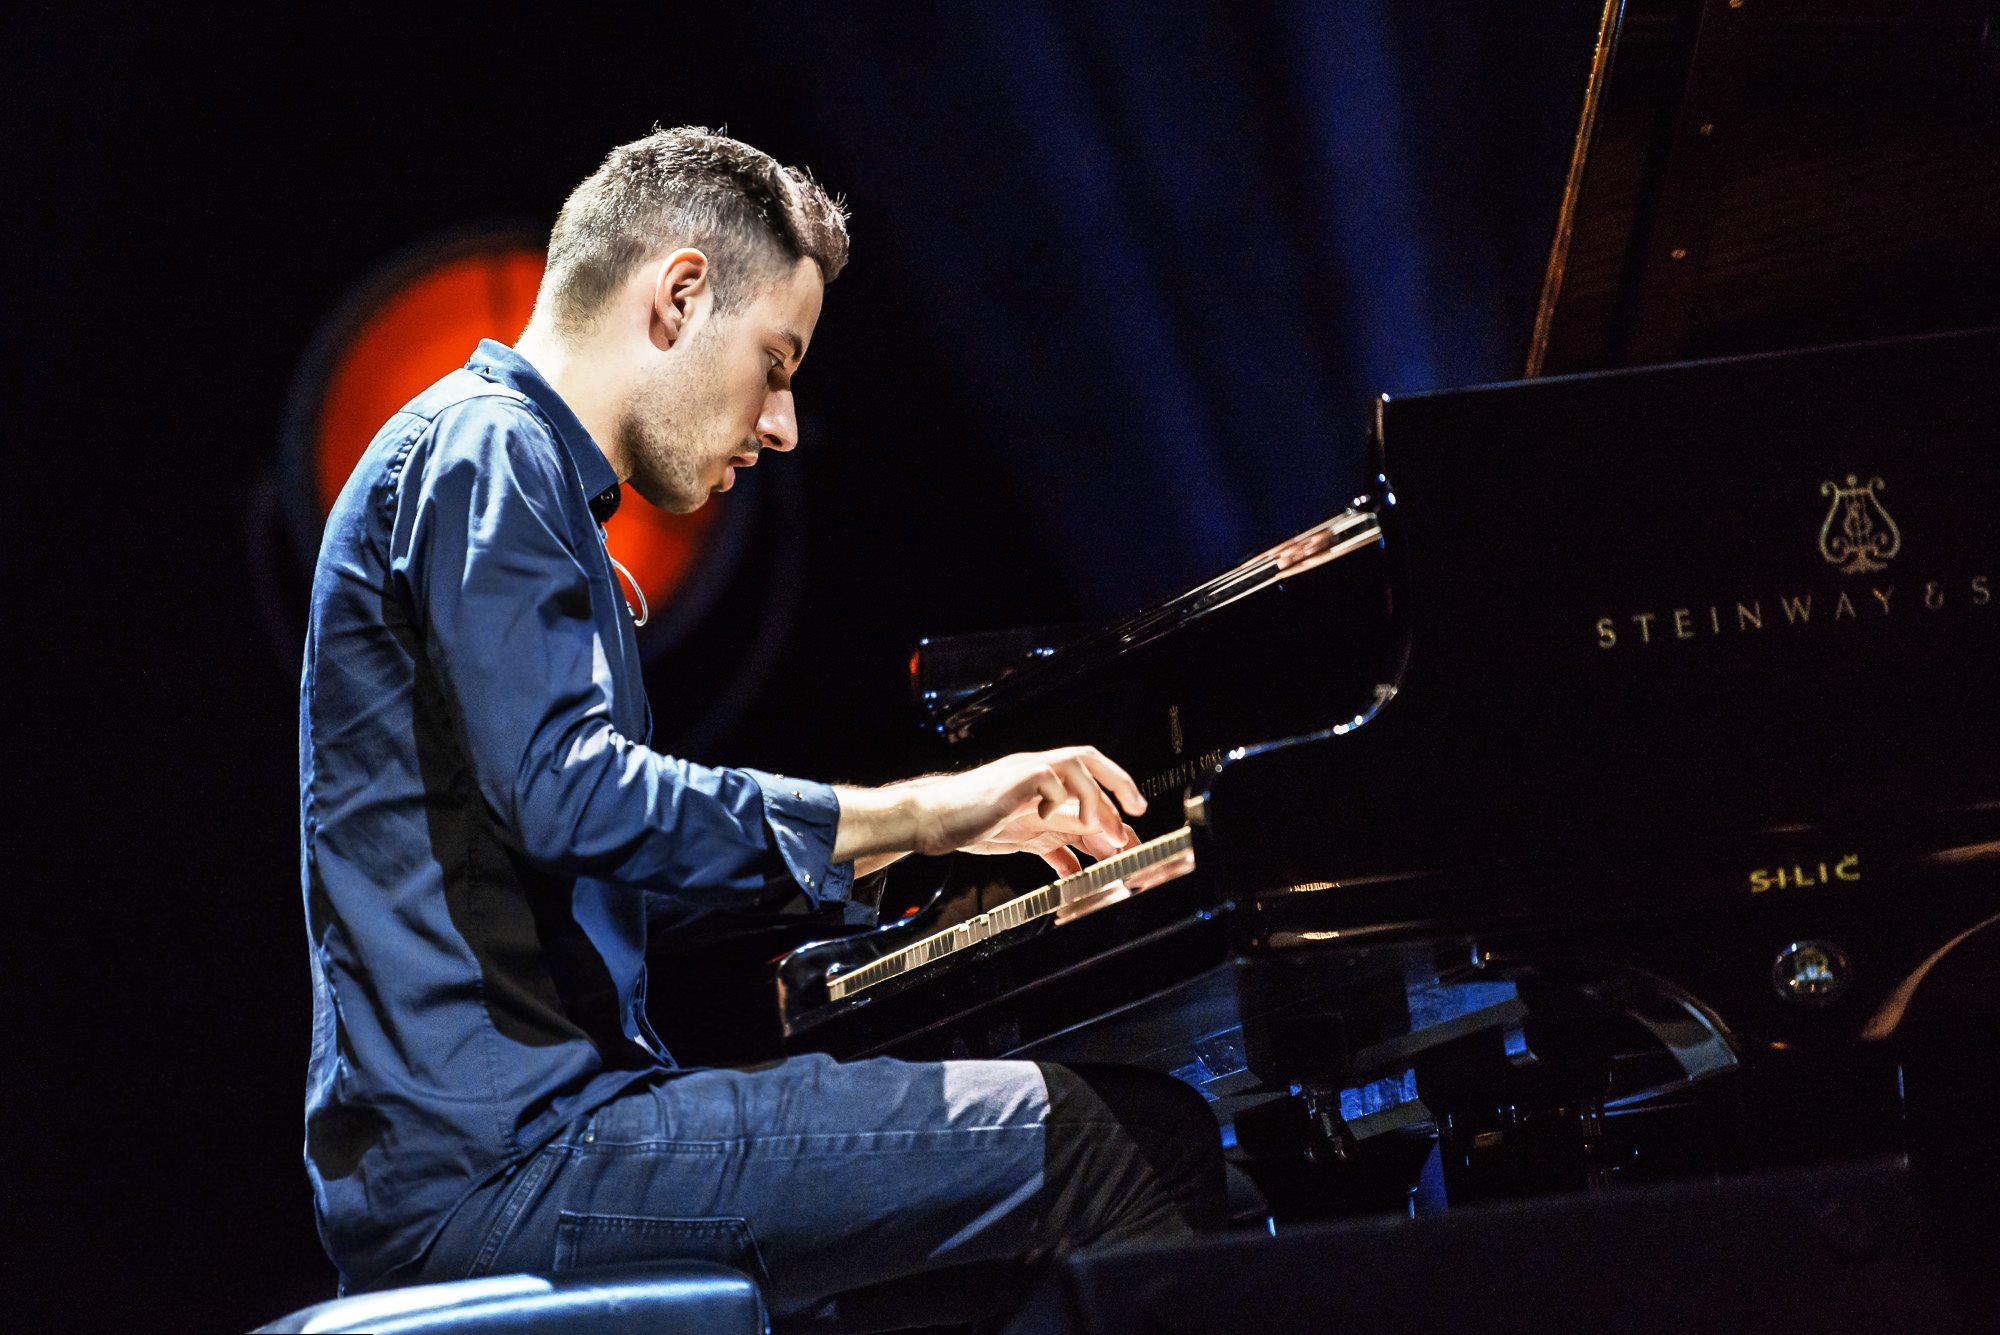 ÜLIMENUKAS! Maailma kiireima klaverimängija Peter Bence kontserdile tulid müügile teise rõdu piletid